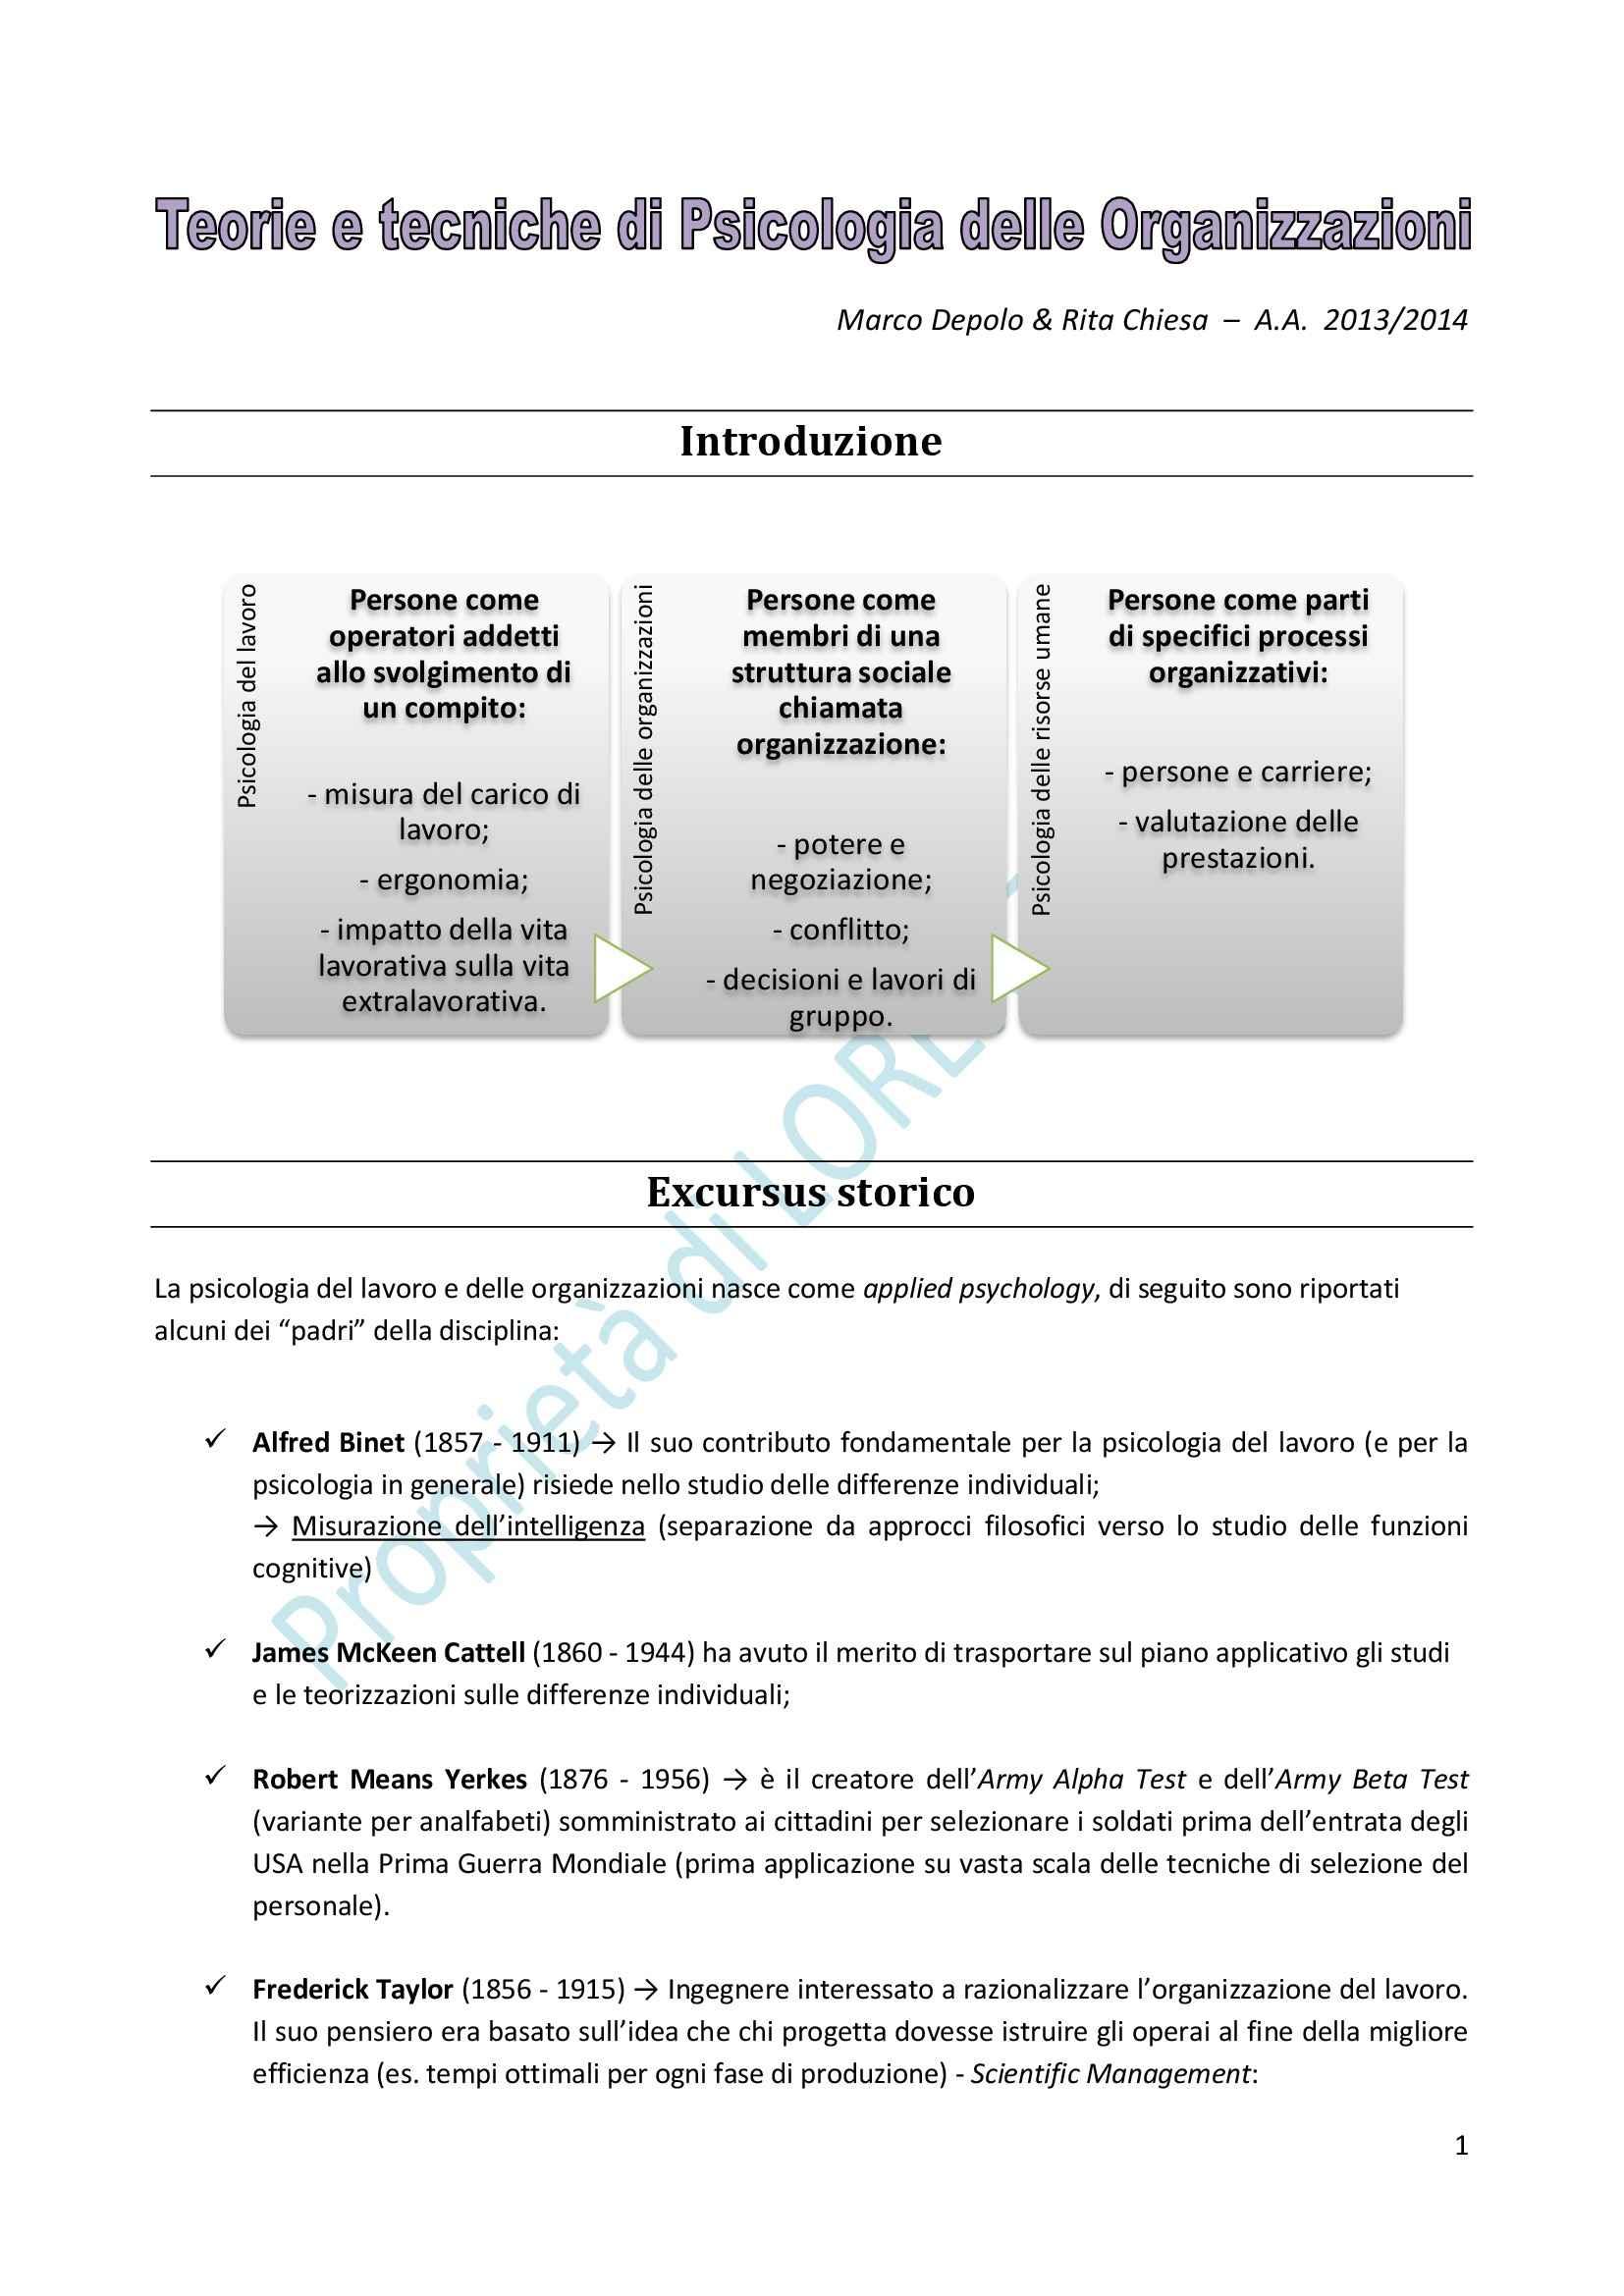 Teorie e Tecniche di Psicologia delle Organizzazioni - Appunti